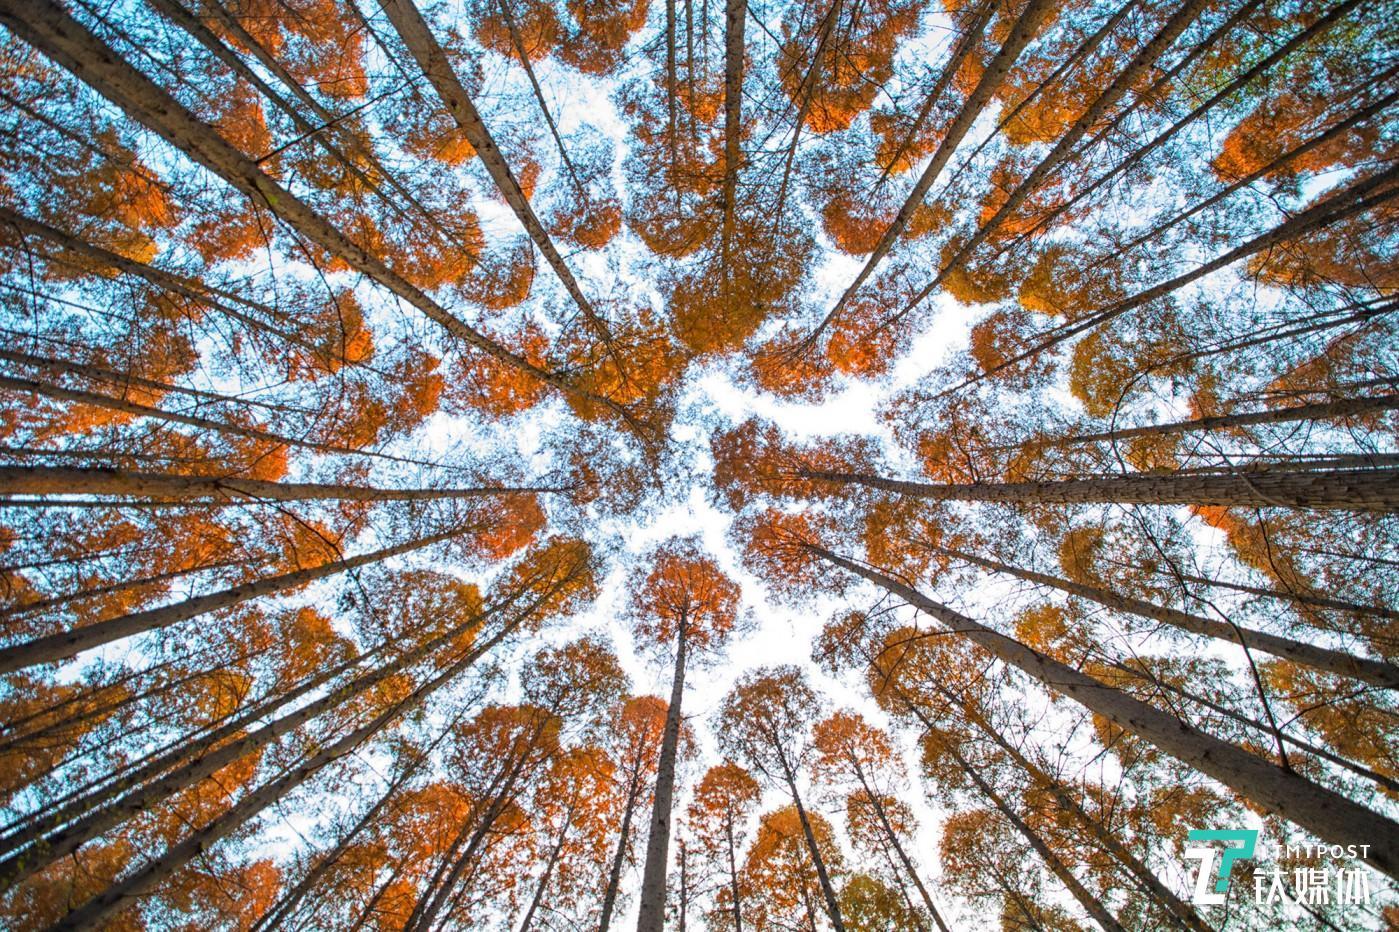 森林迷宫。初冬的南京理工大学,水杉的枝叶向天空蔓延,留白的路径犹如迷宫。